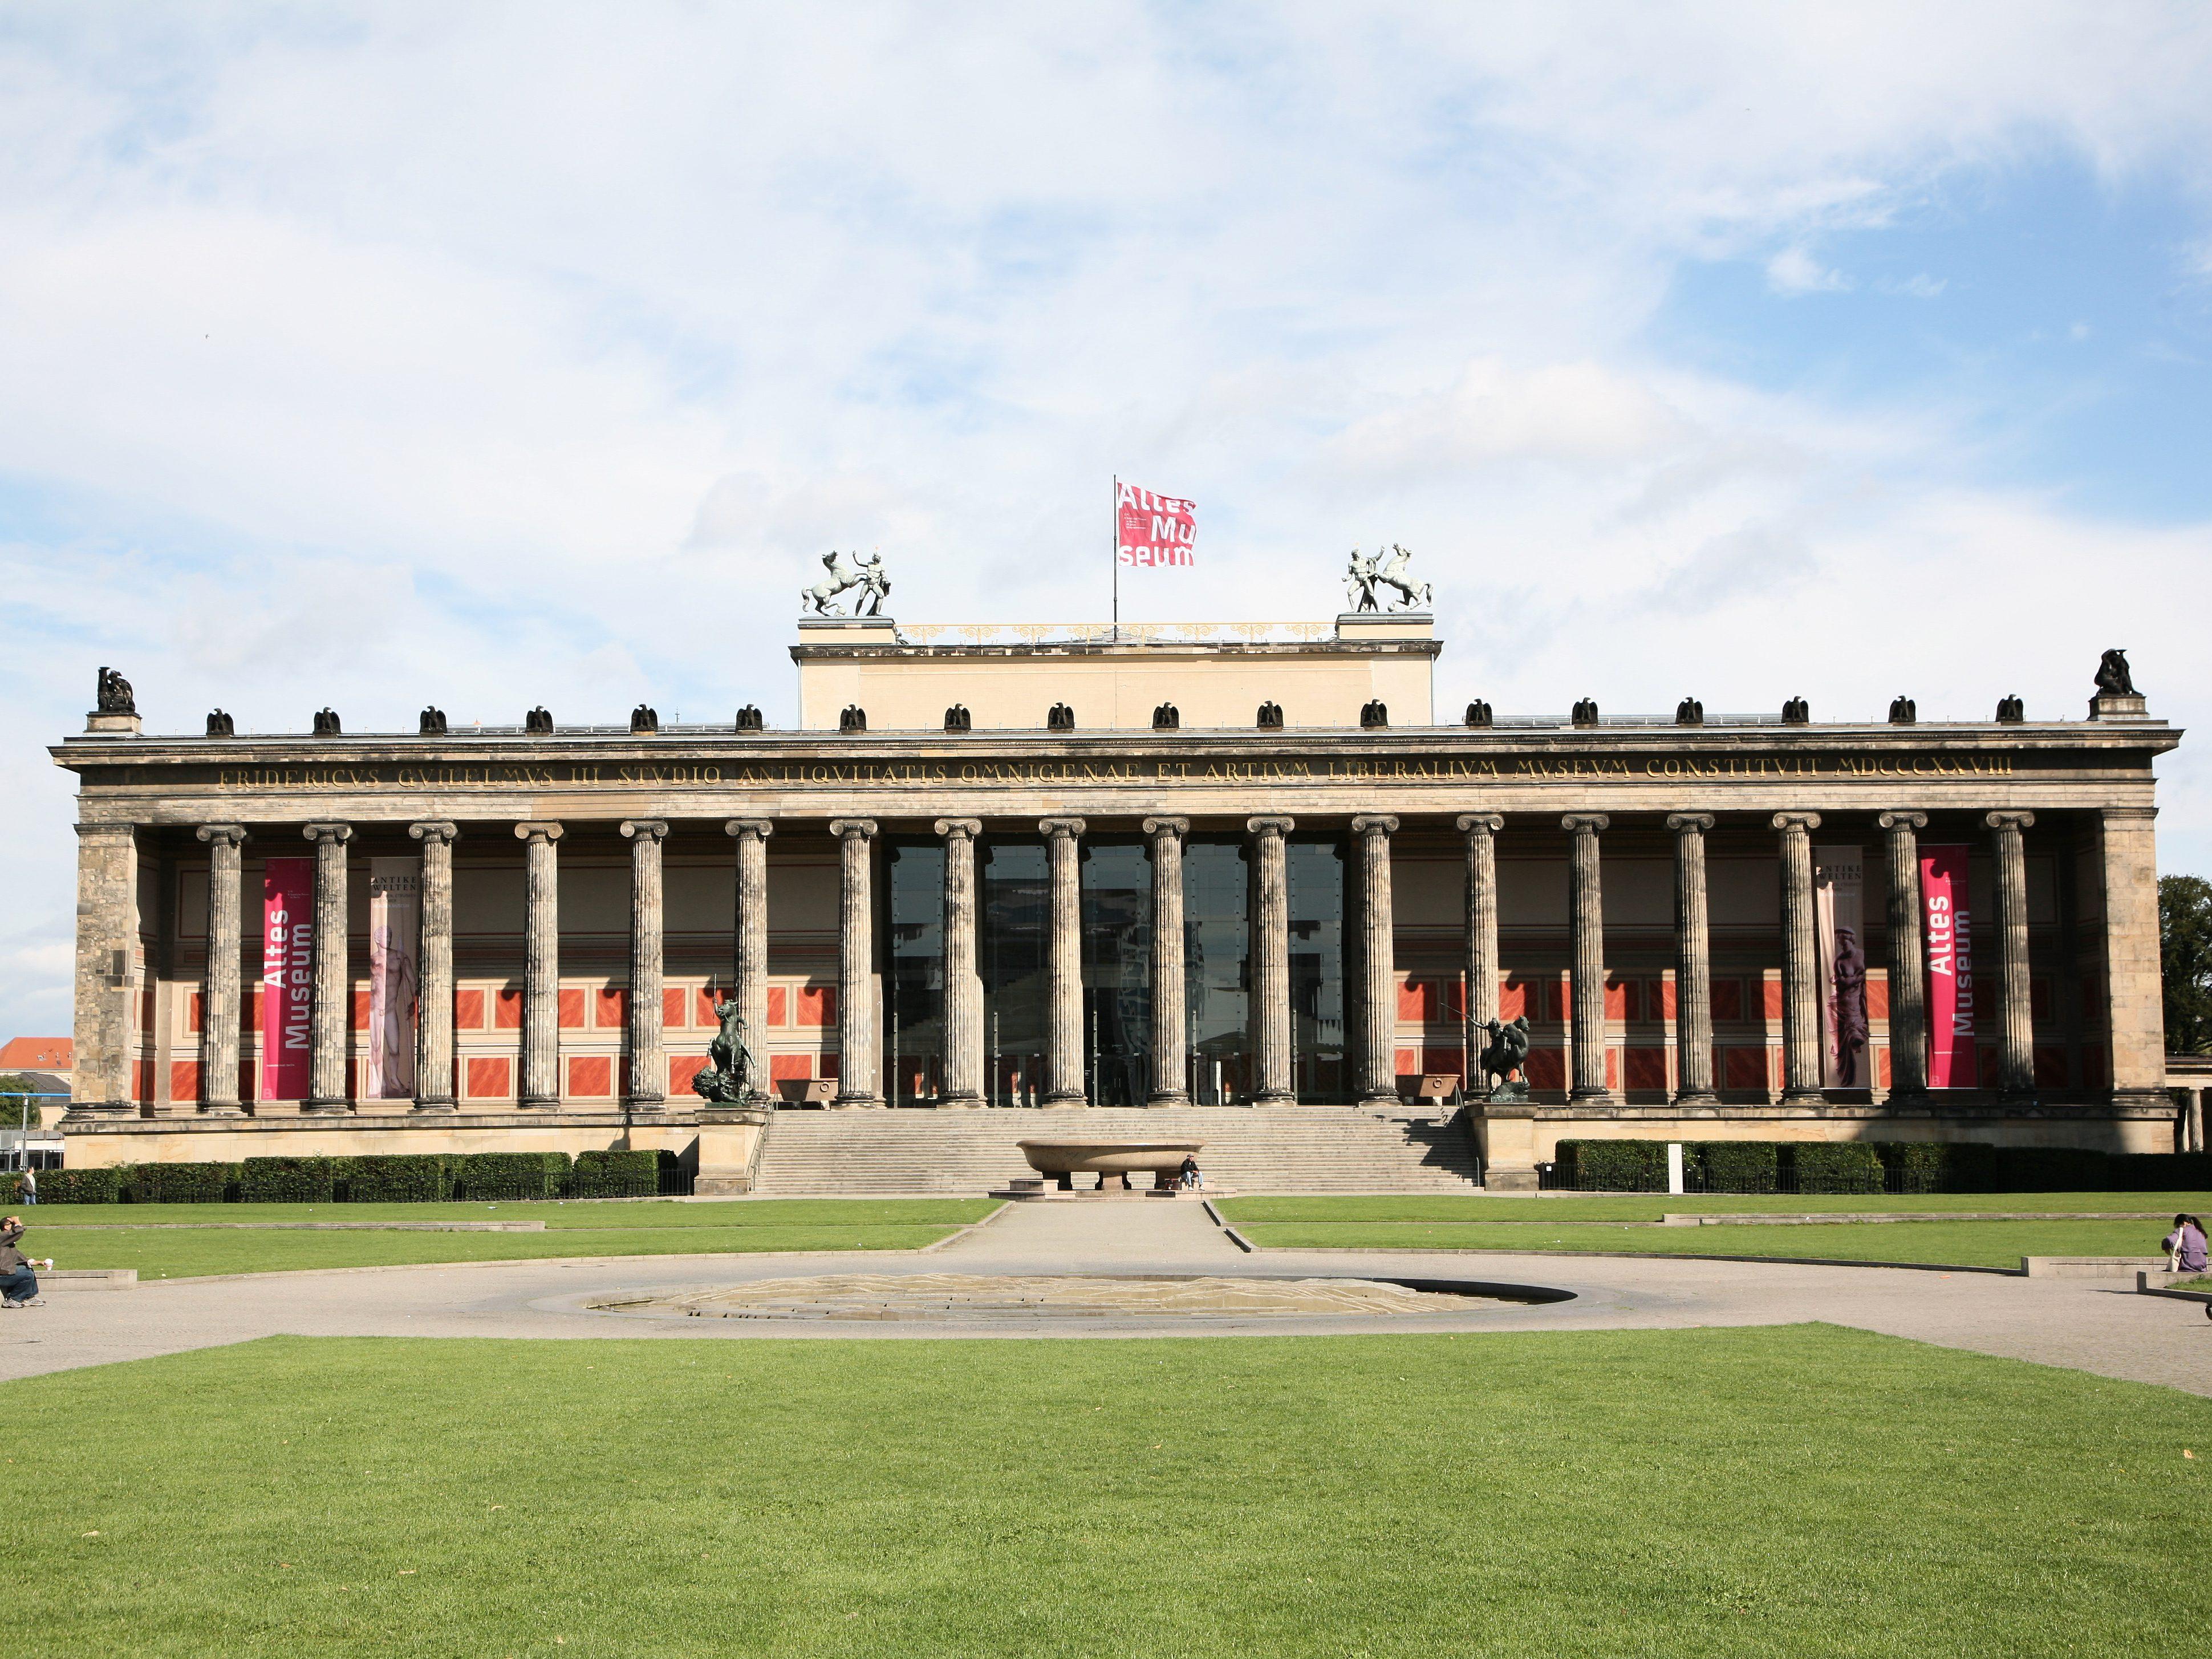 Das Alte Museum beherbergt seit 1904 eine Antikensammlung. Bereits um 1830 wurde das klassisizistische Gebäude fertiggestellt. Nach schweren Brandschäden während des Zweiten Weltkrieges musste das Alte Museum bis 1966 wiederaufgebaut werden.